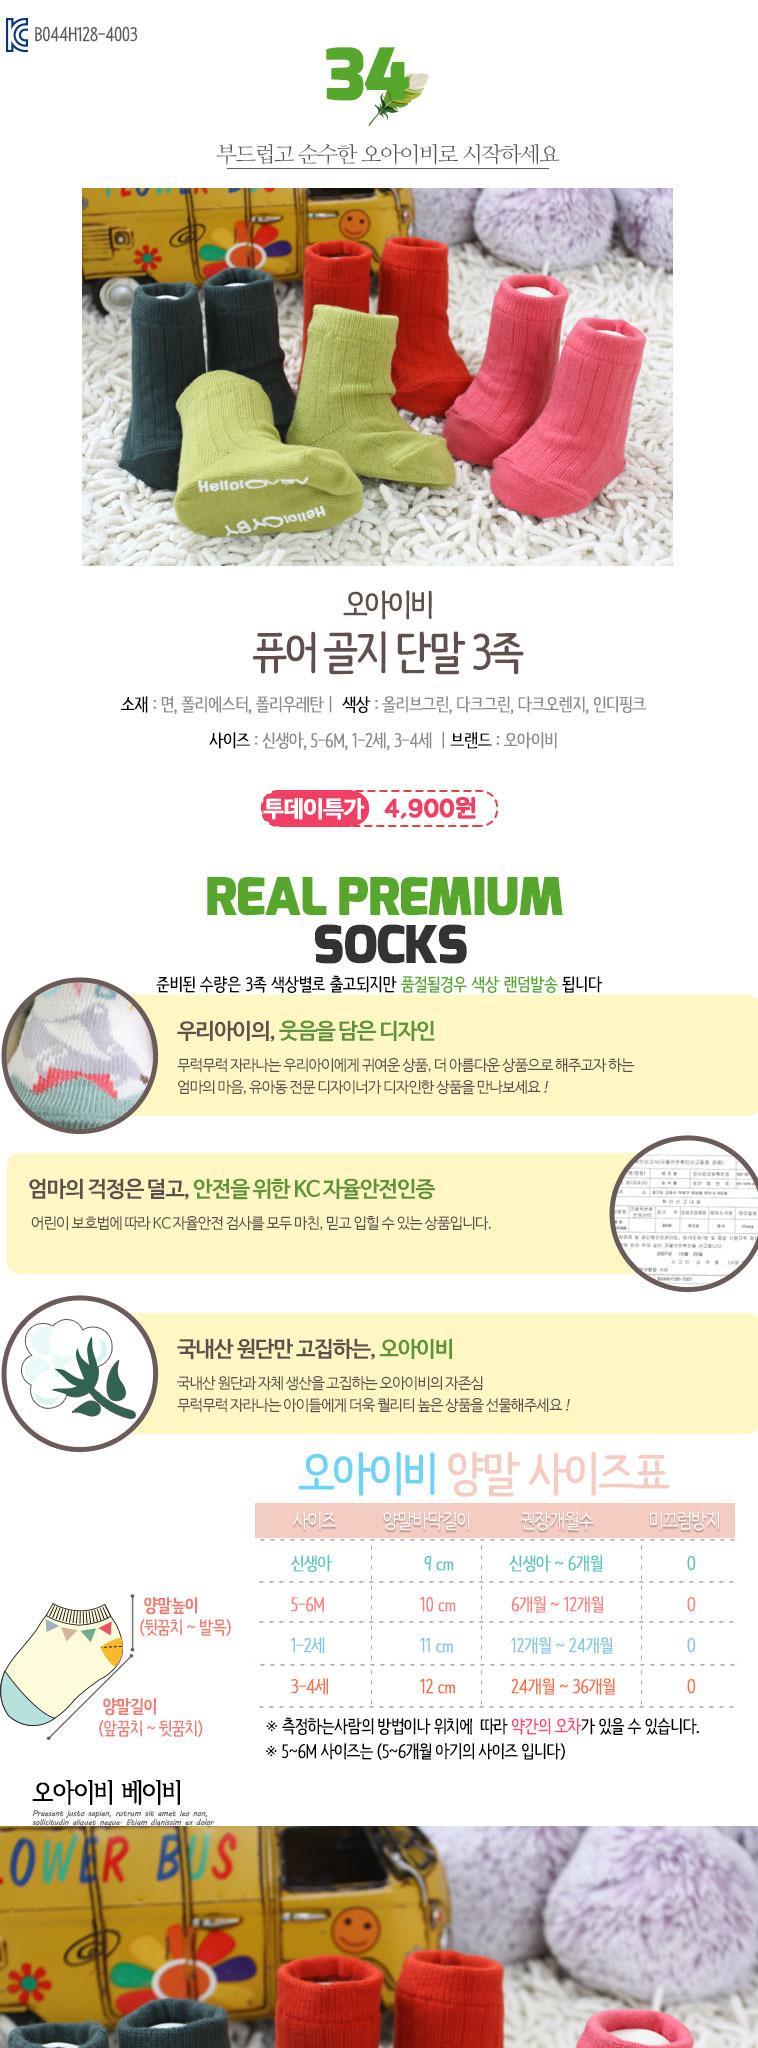 [명예의전당] 유아 출산용품 끝판왕! - 상세정보